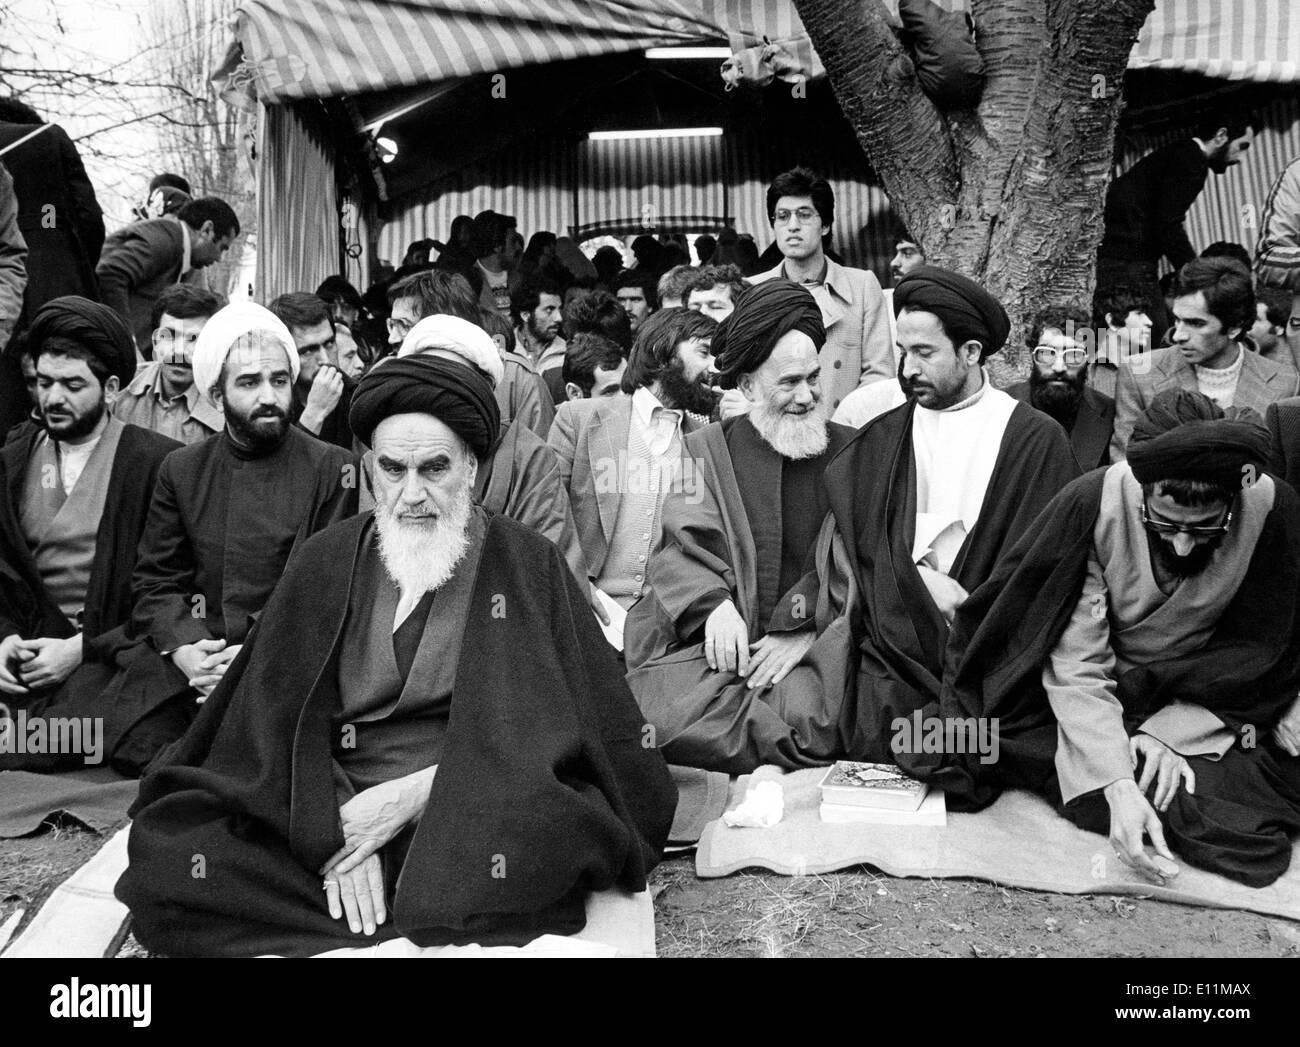 5527613 (900326) Ayatollah KHOMEINI (24.09.1902 - 03.06.1989, Ruhollah Mussawi HENDI) iranischer Religionsf hrer Stock Photo